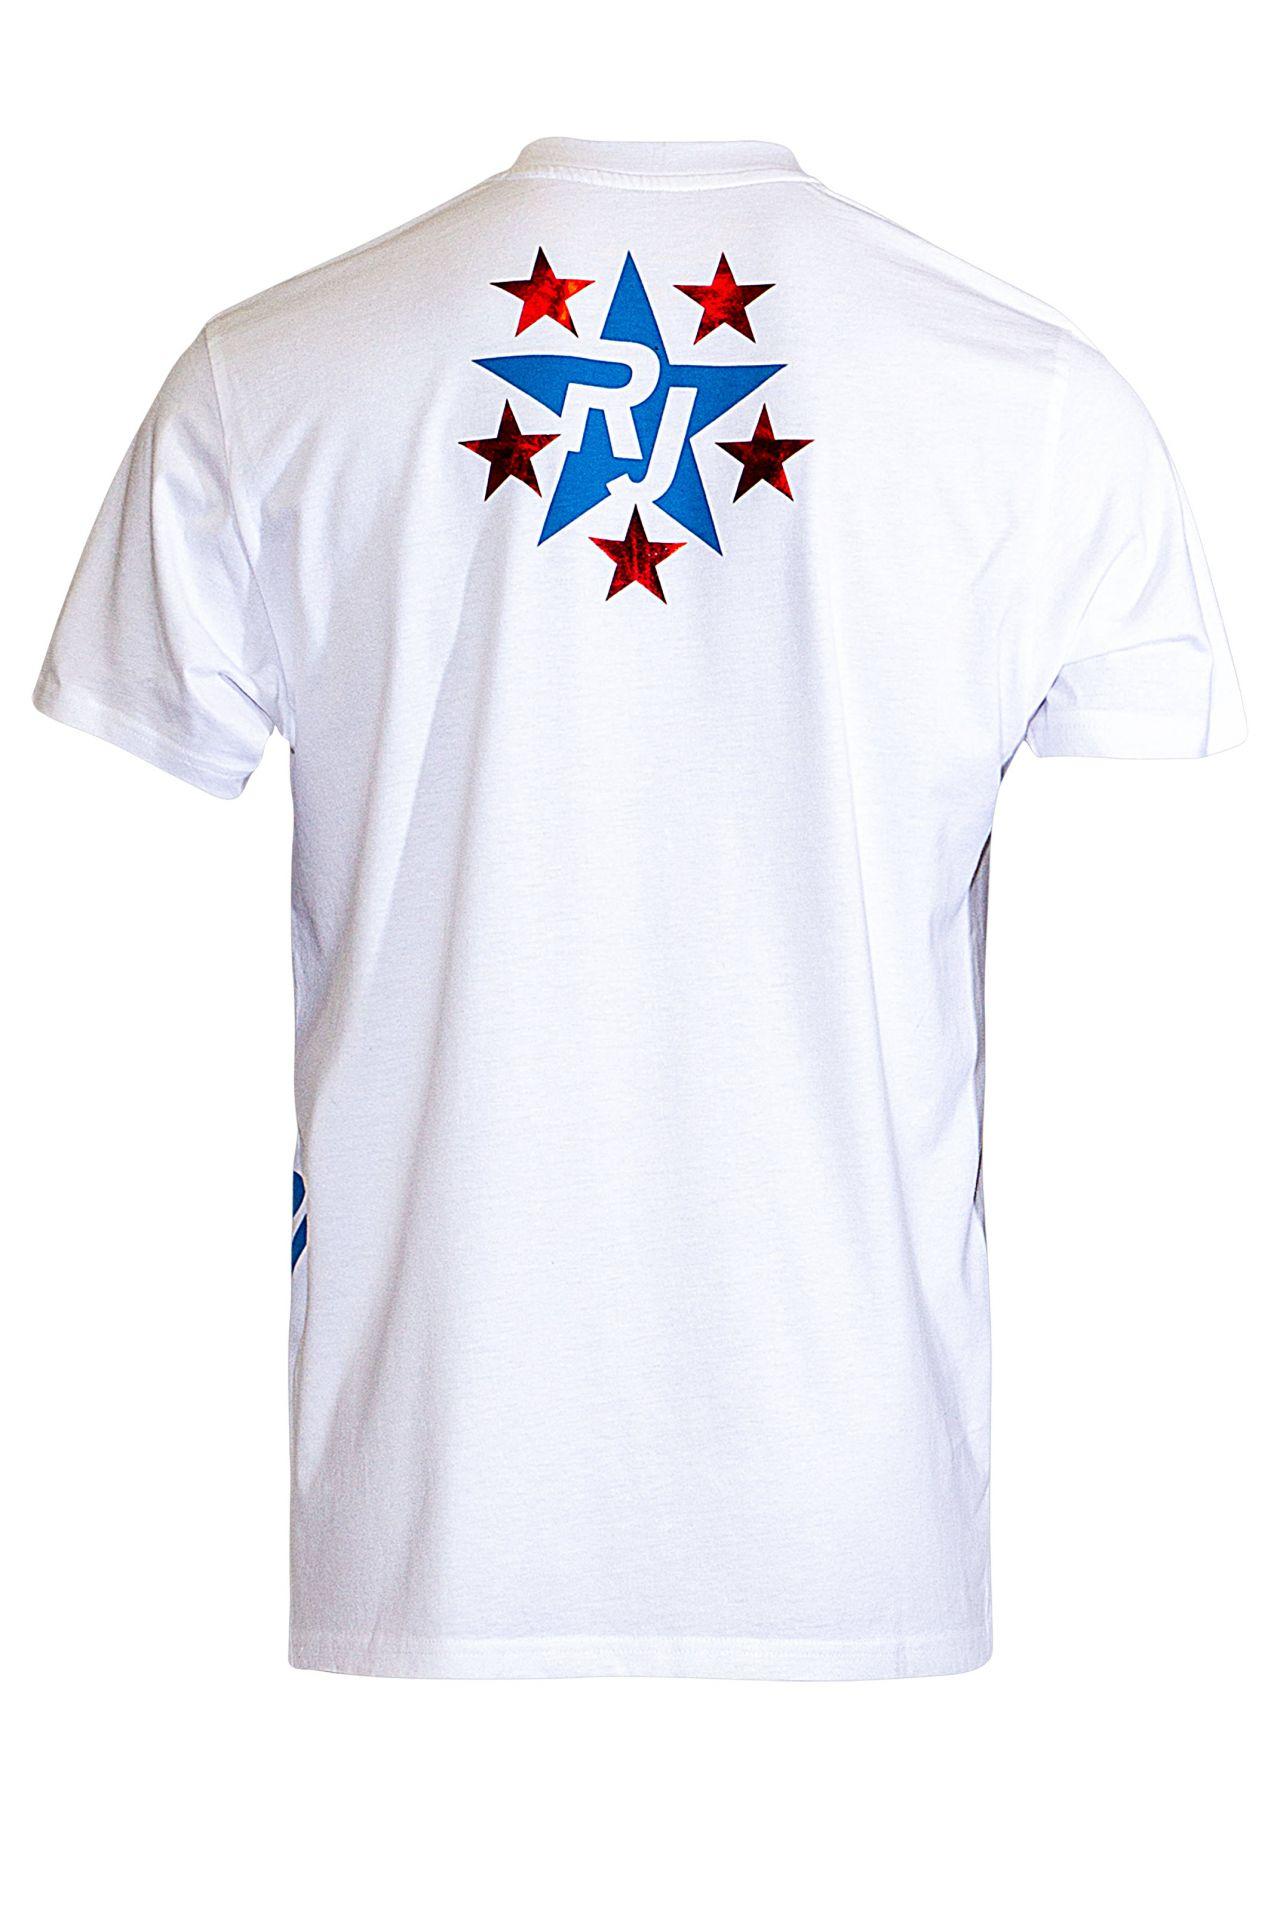 RJ STARS IN WHITE